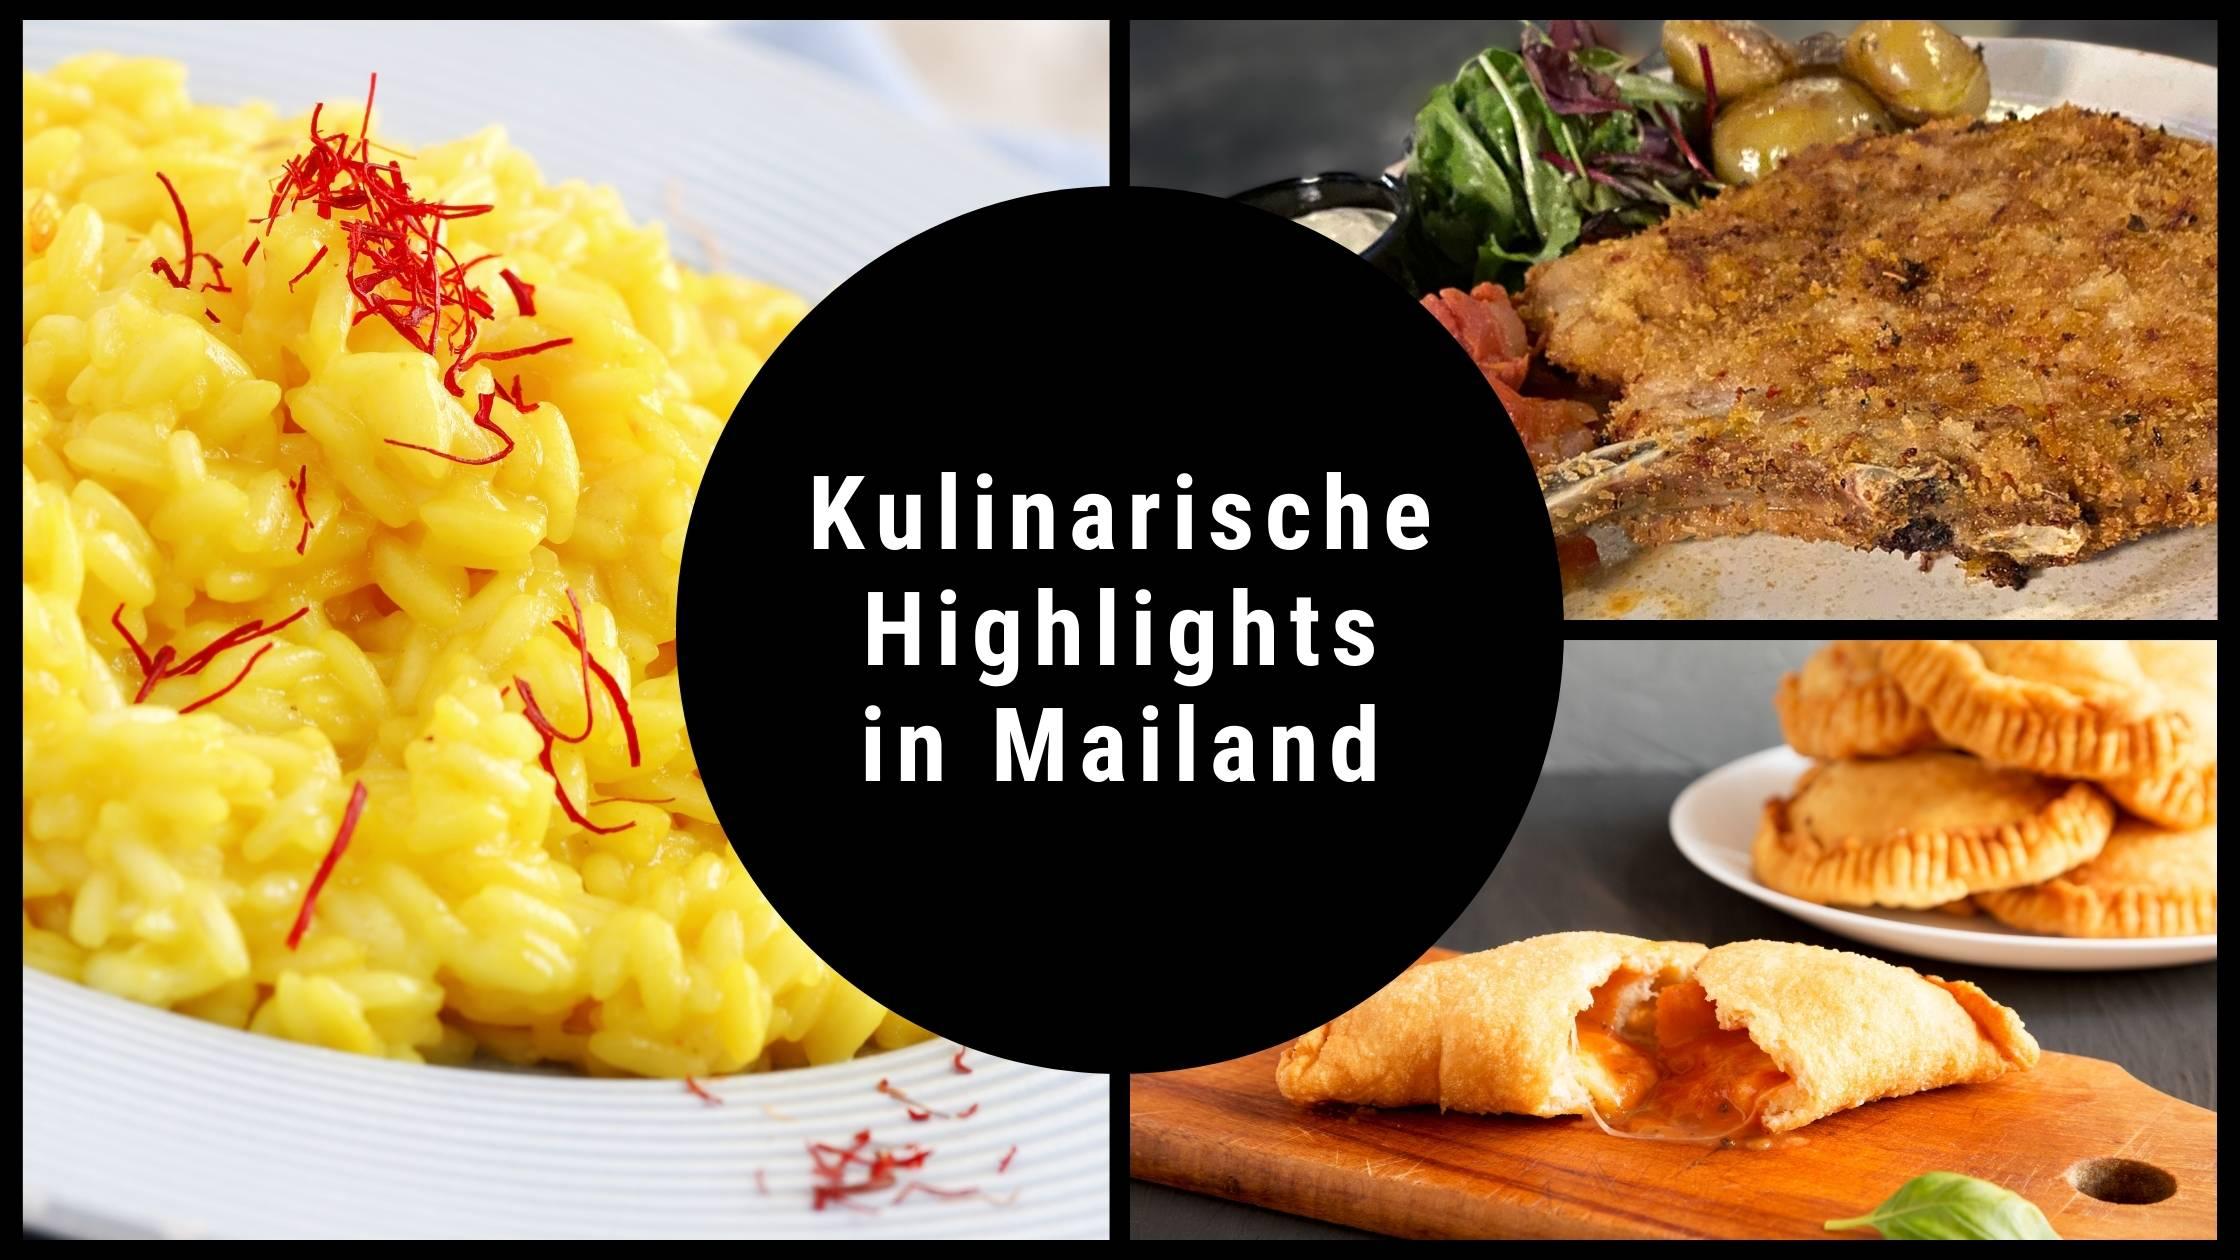 Kulinarische Highlights in Mailand